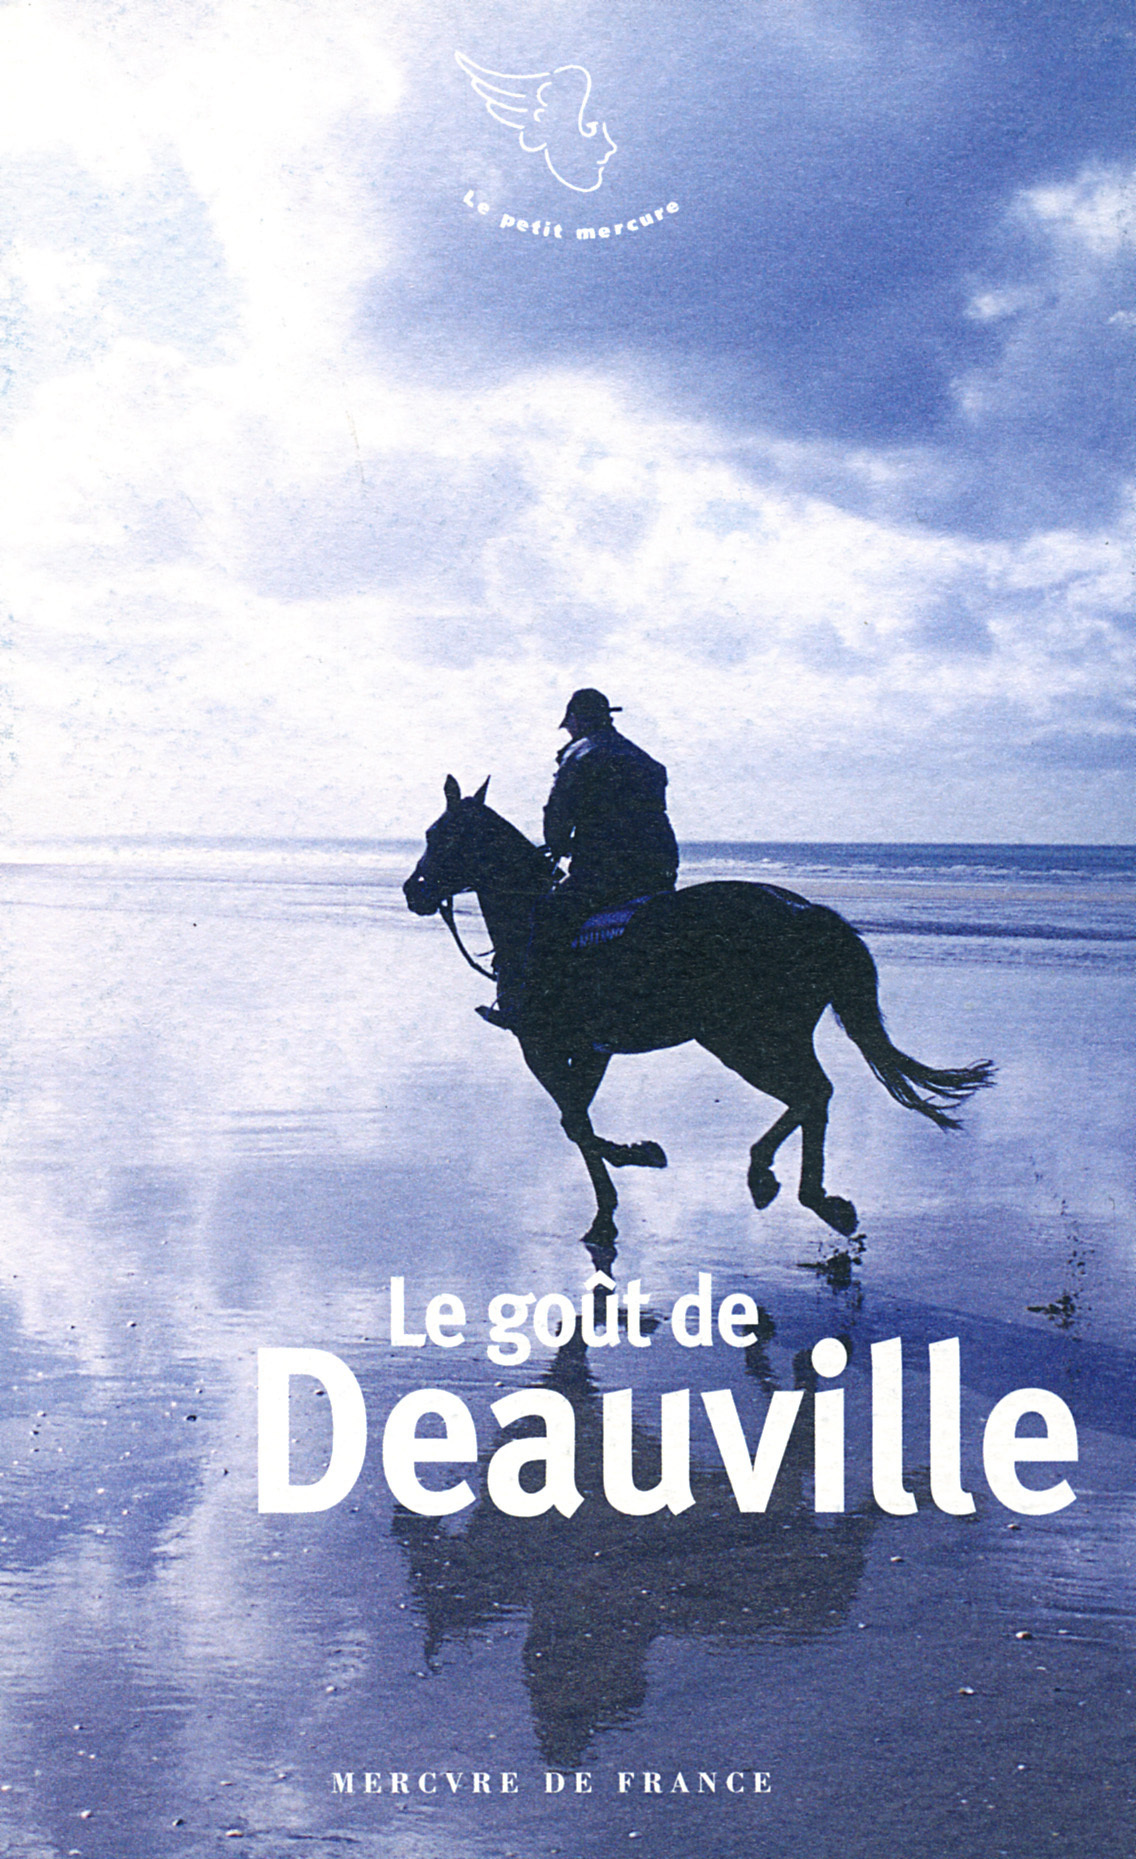 LE GOUT DE DEAUVILLE